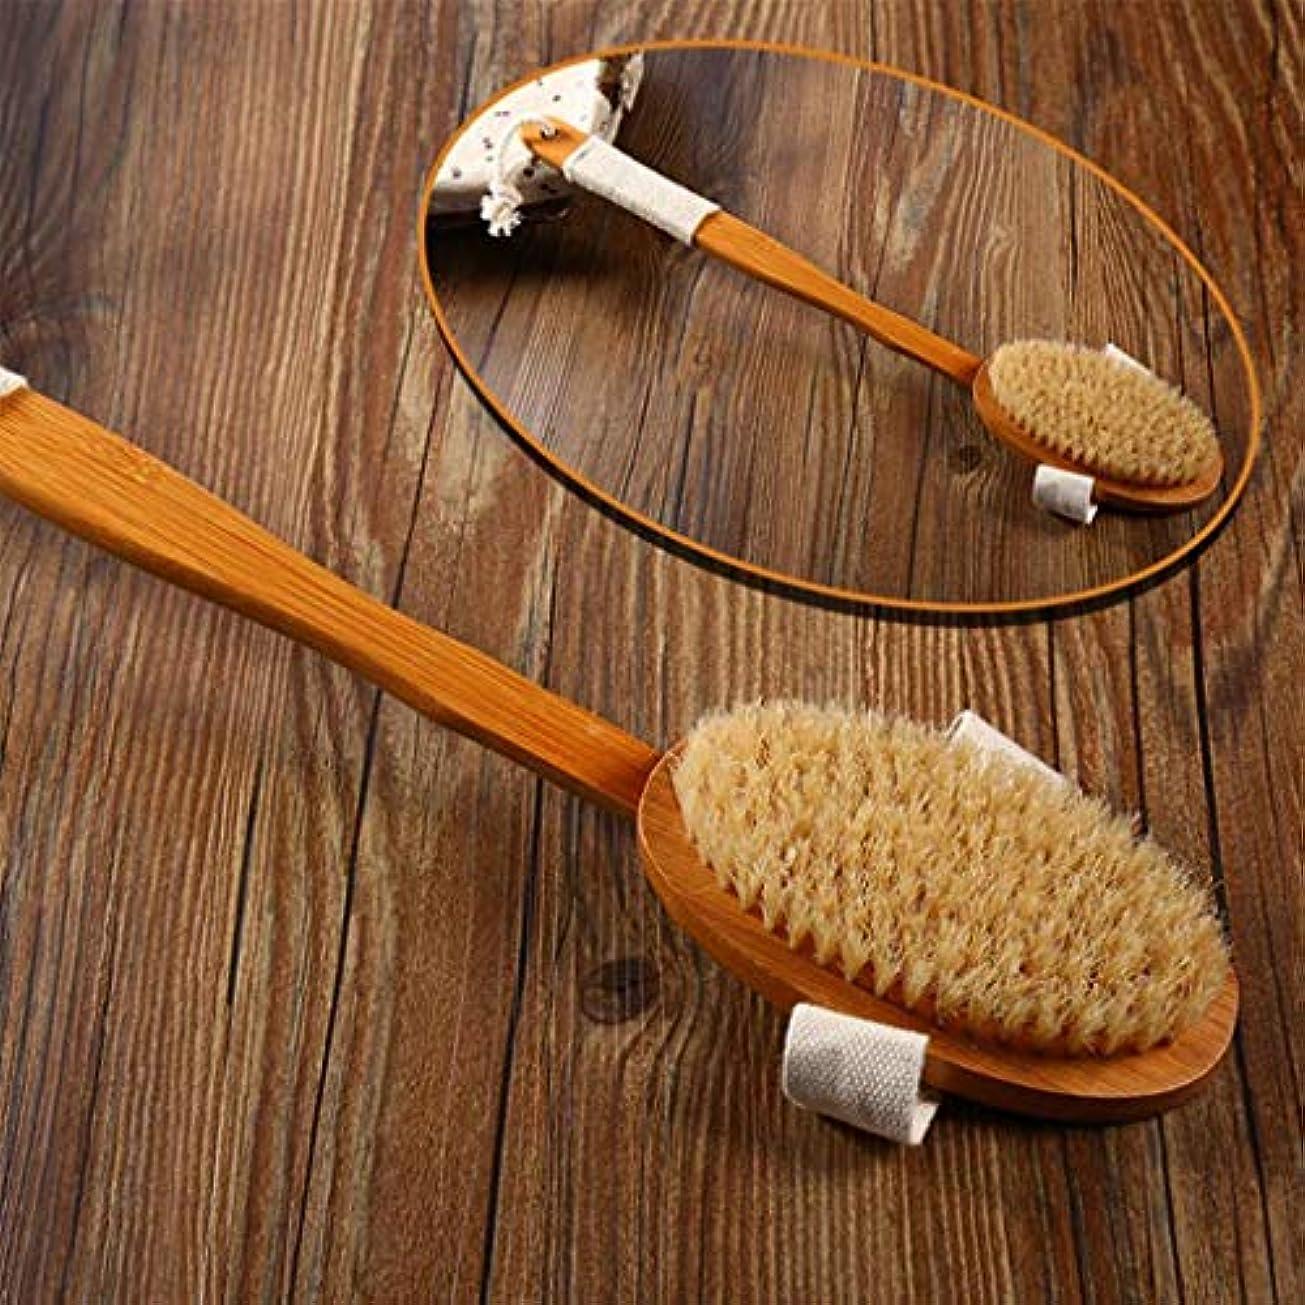 ガム工夫するパン屋ボディブラシナチュラル剛毛バスブラシロングハンドル木製剛毛ソフトヘアラブバックシャワーブラシ角質マッサージブラシを取り外します